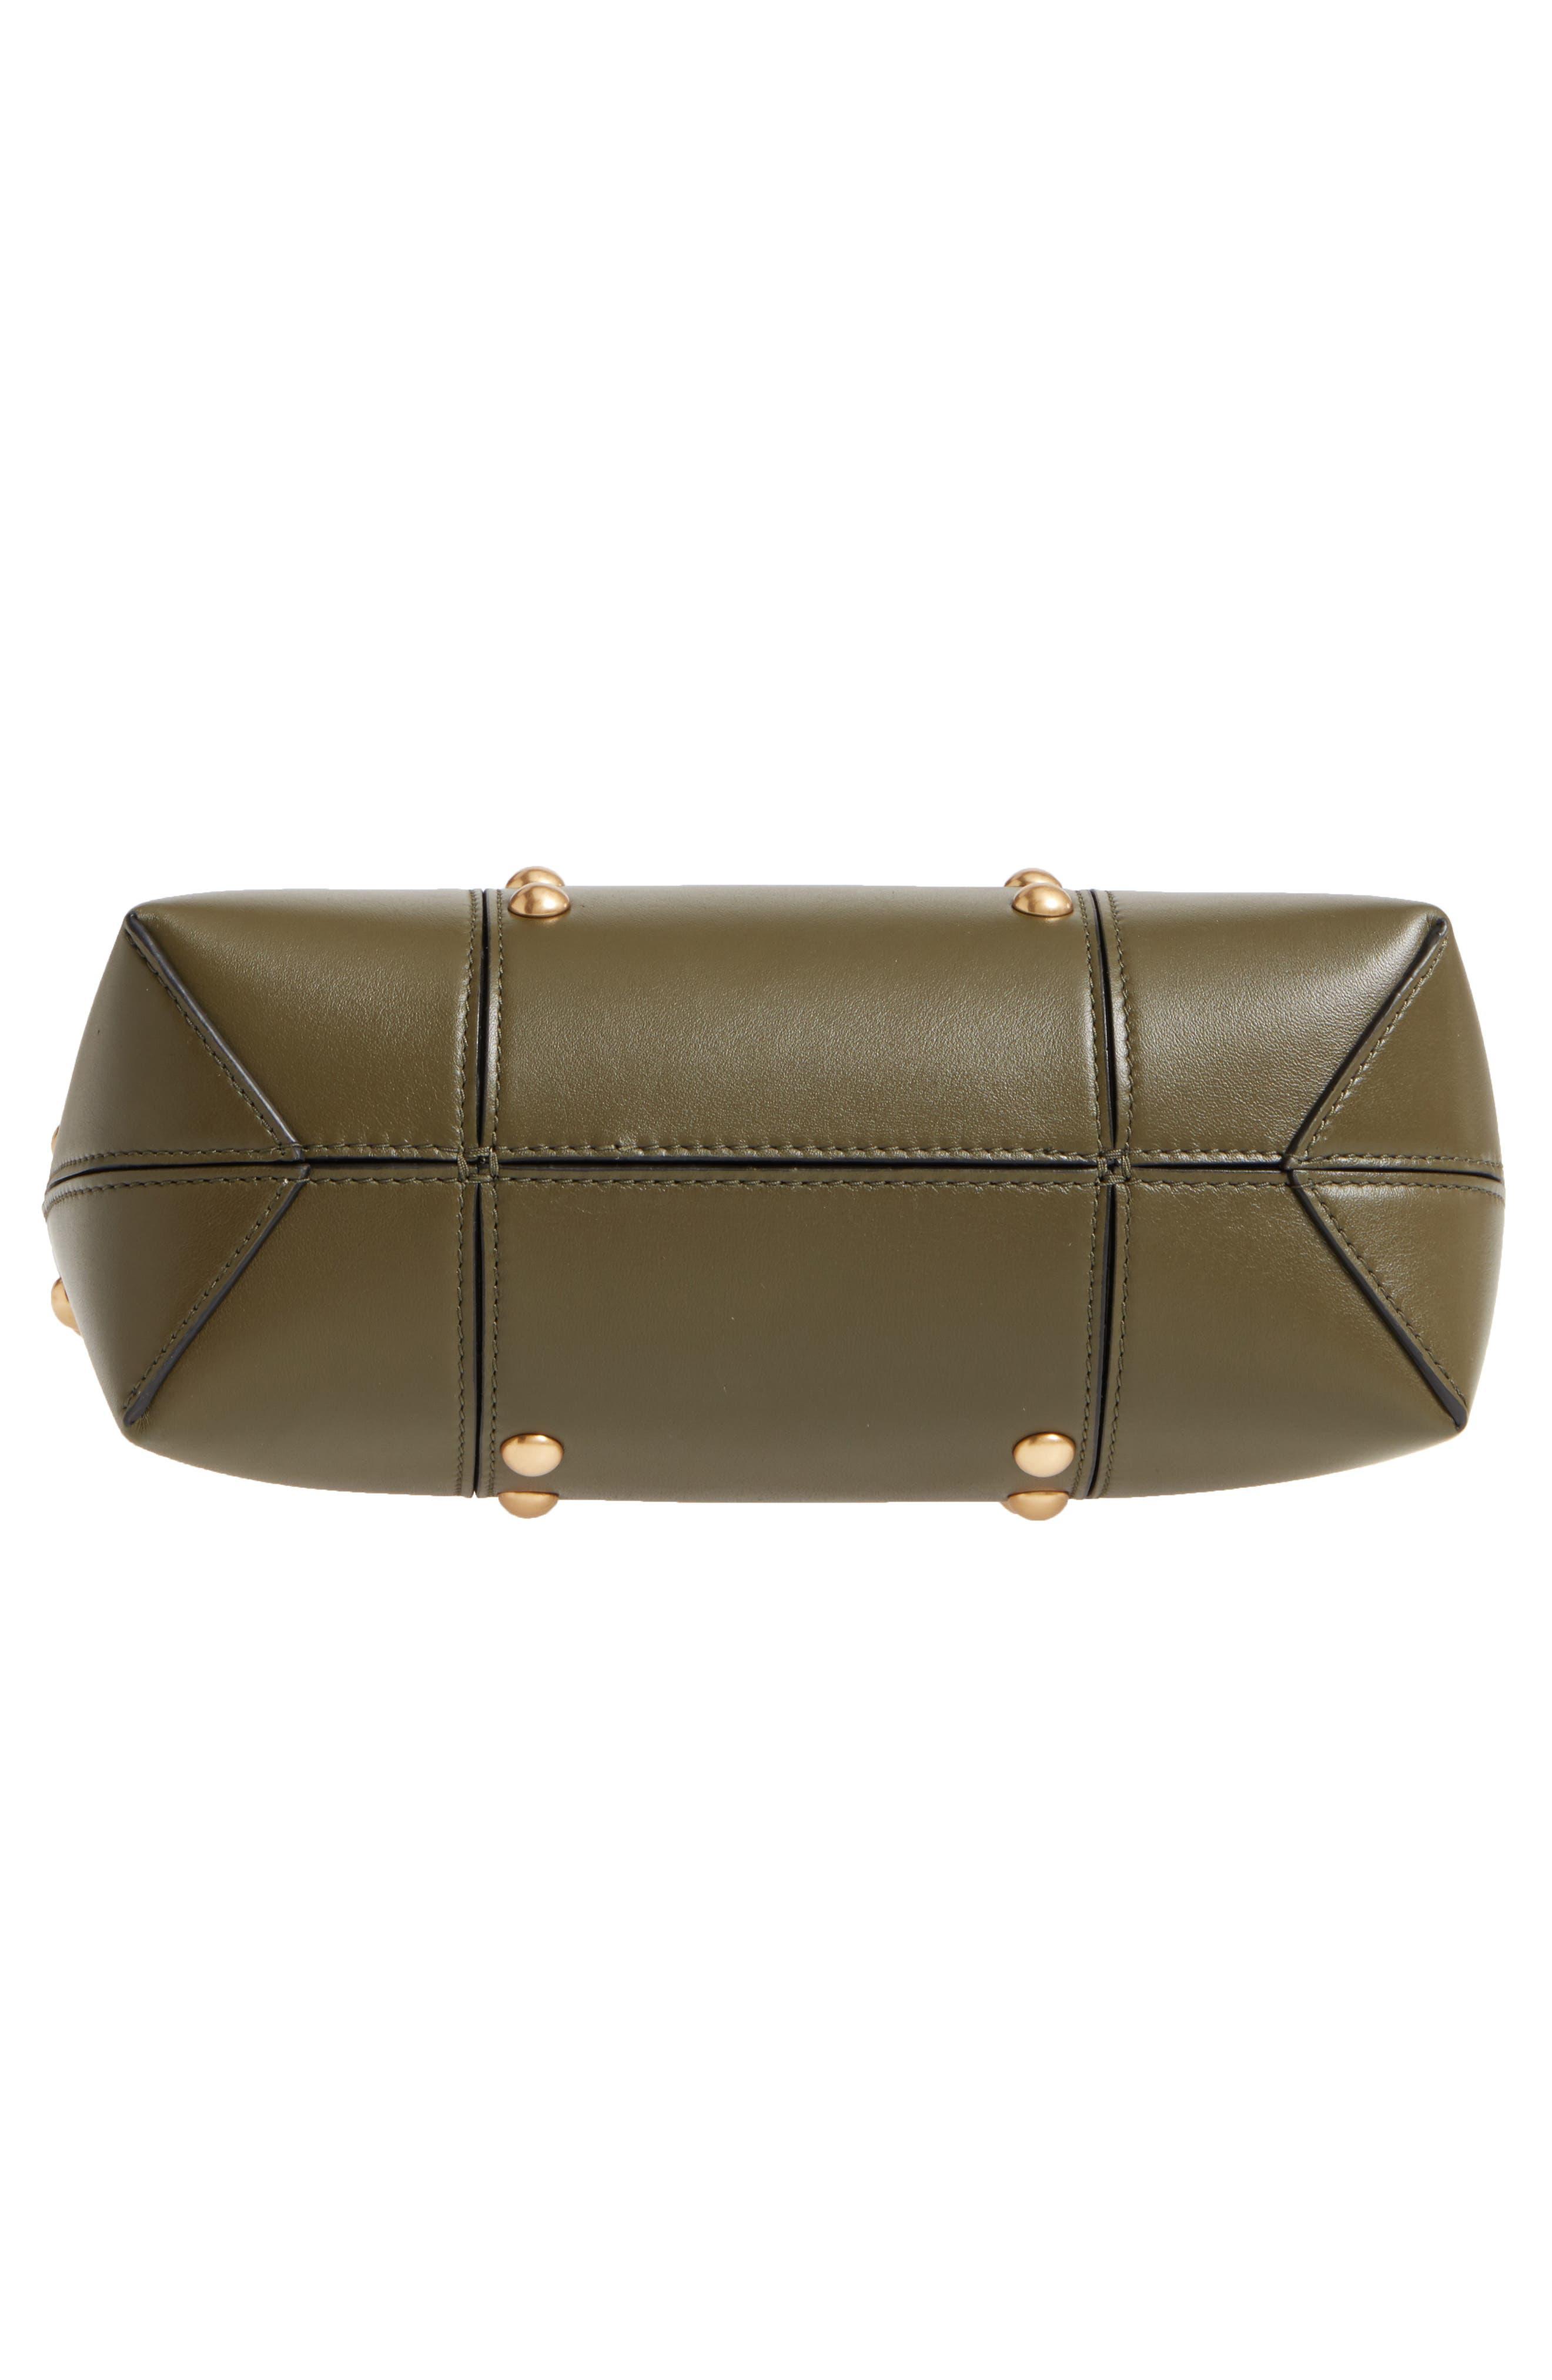 Block-T Mini Studded Leather Tote,                             Alternate thumbnail 6, color,                             300